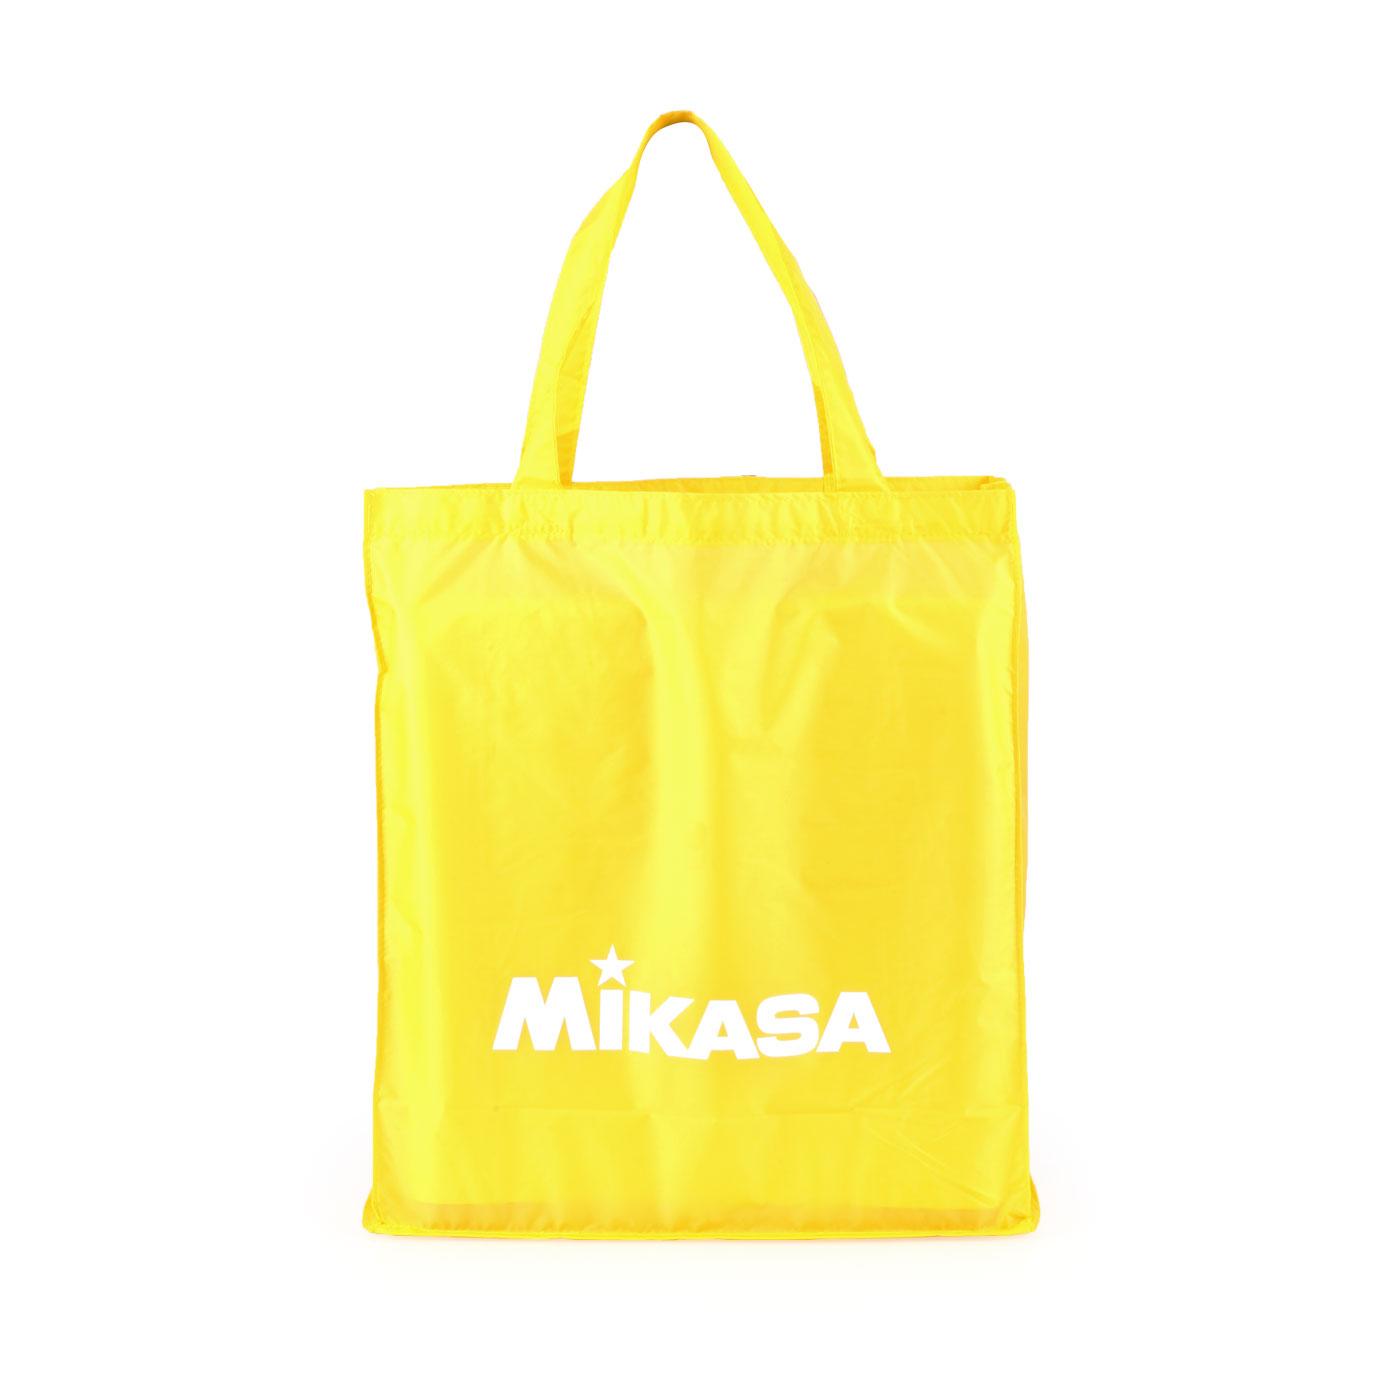 MIKASA 摺疊購物袋 MKBA21-BL - 黃白